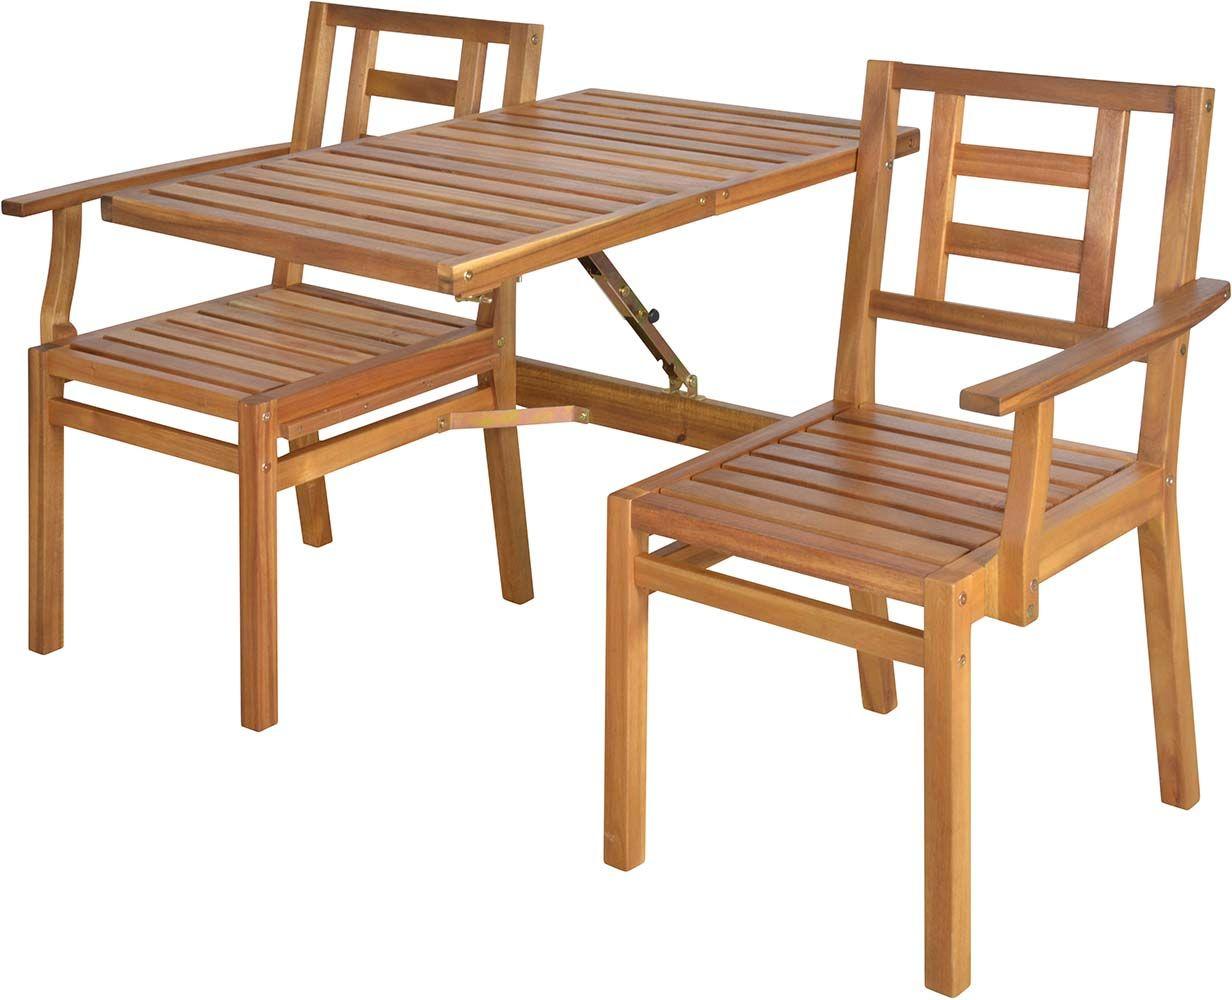 Banc de jardin convertible en table chaises en bois - Chaise bois flotte ...